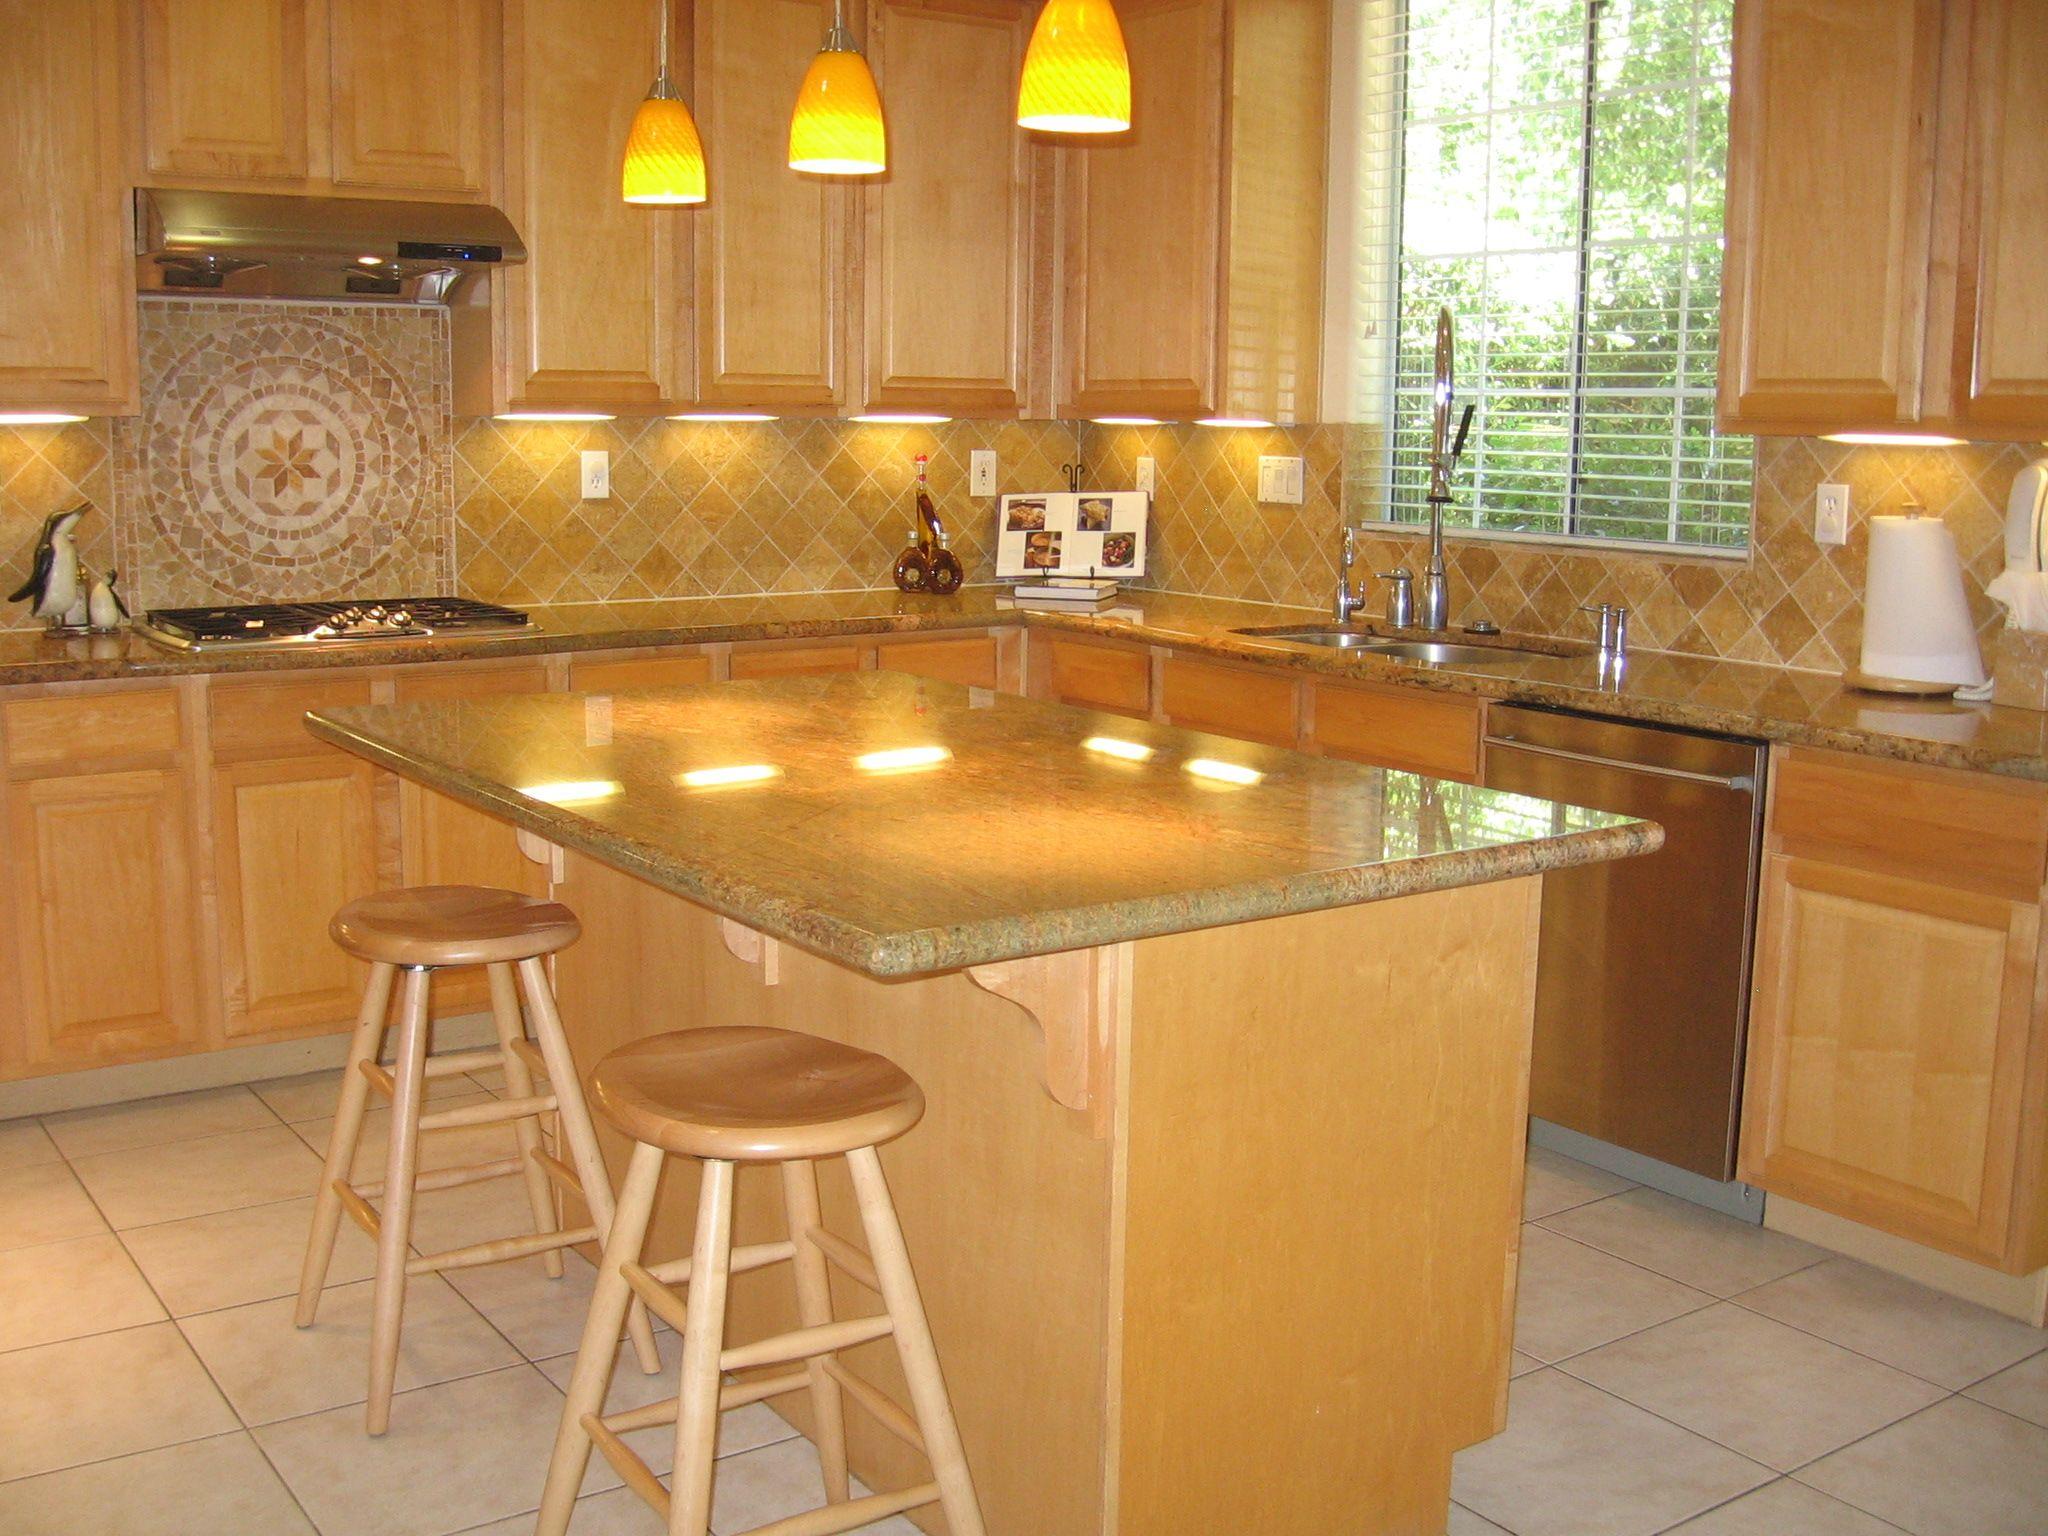 best backsplashes for granite countertops | ... Island ... on Best Backsplash For Granite Countertops  id=38692